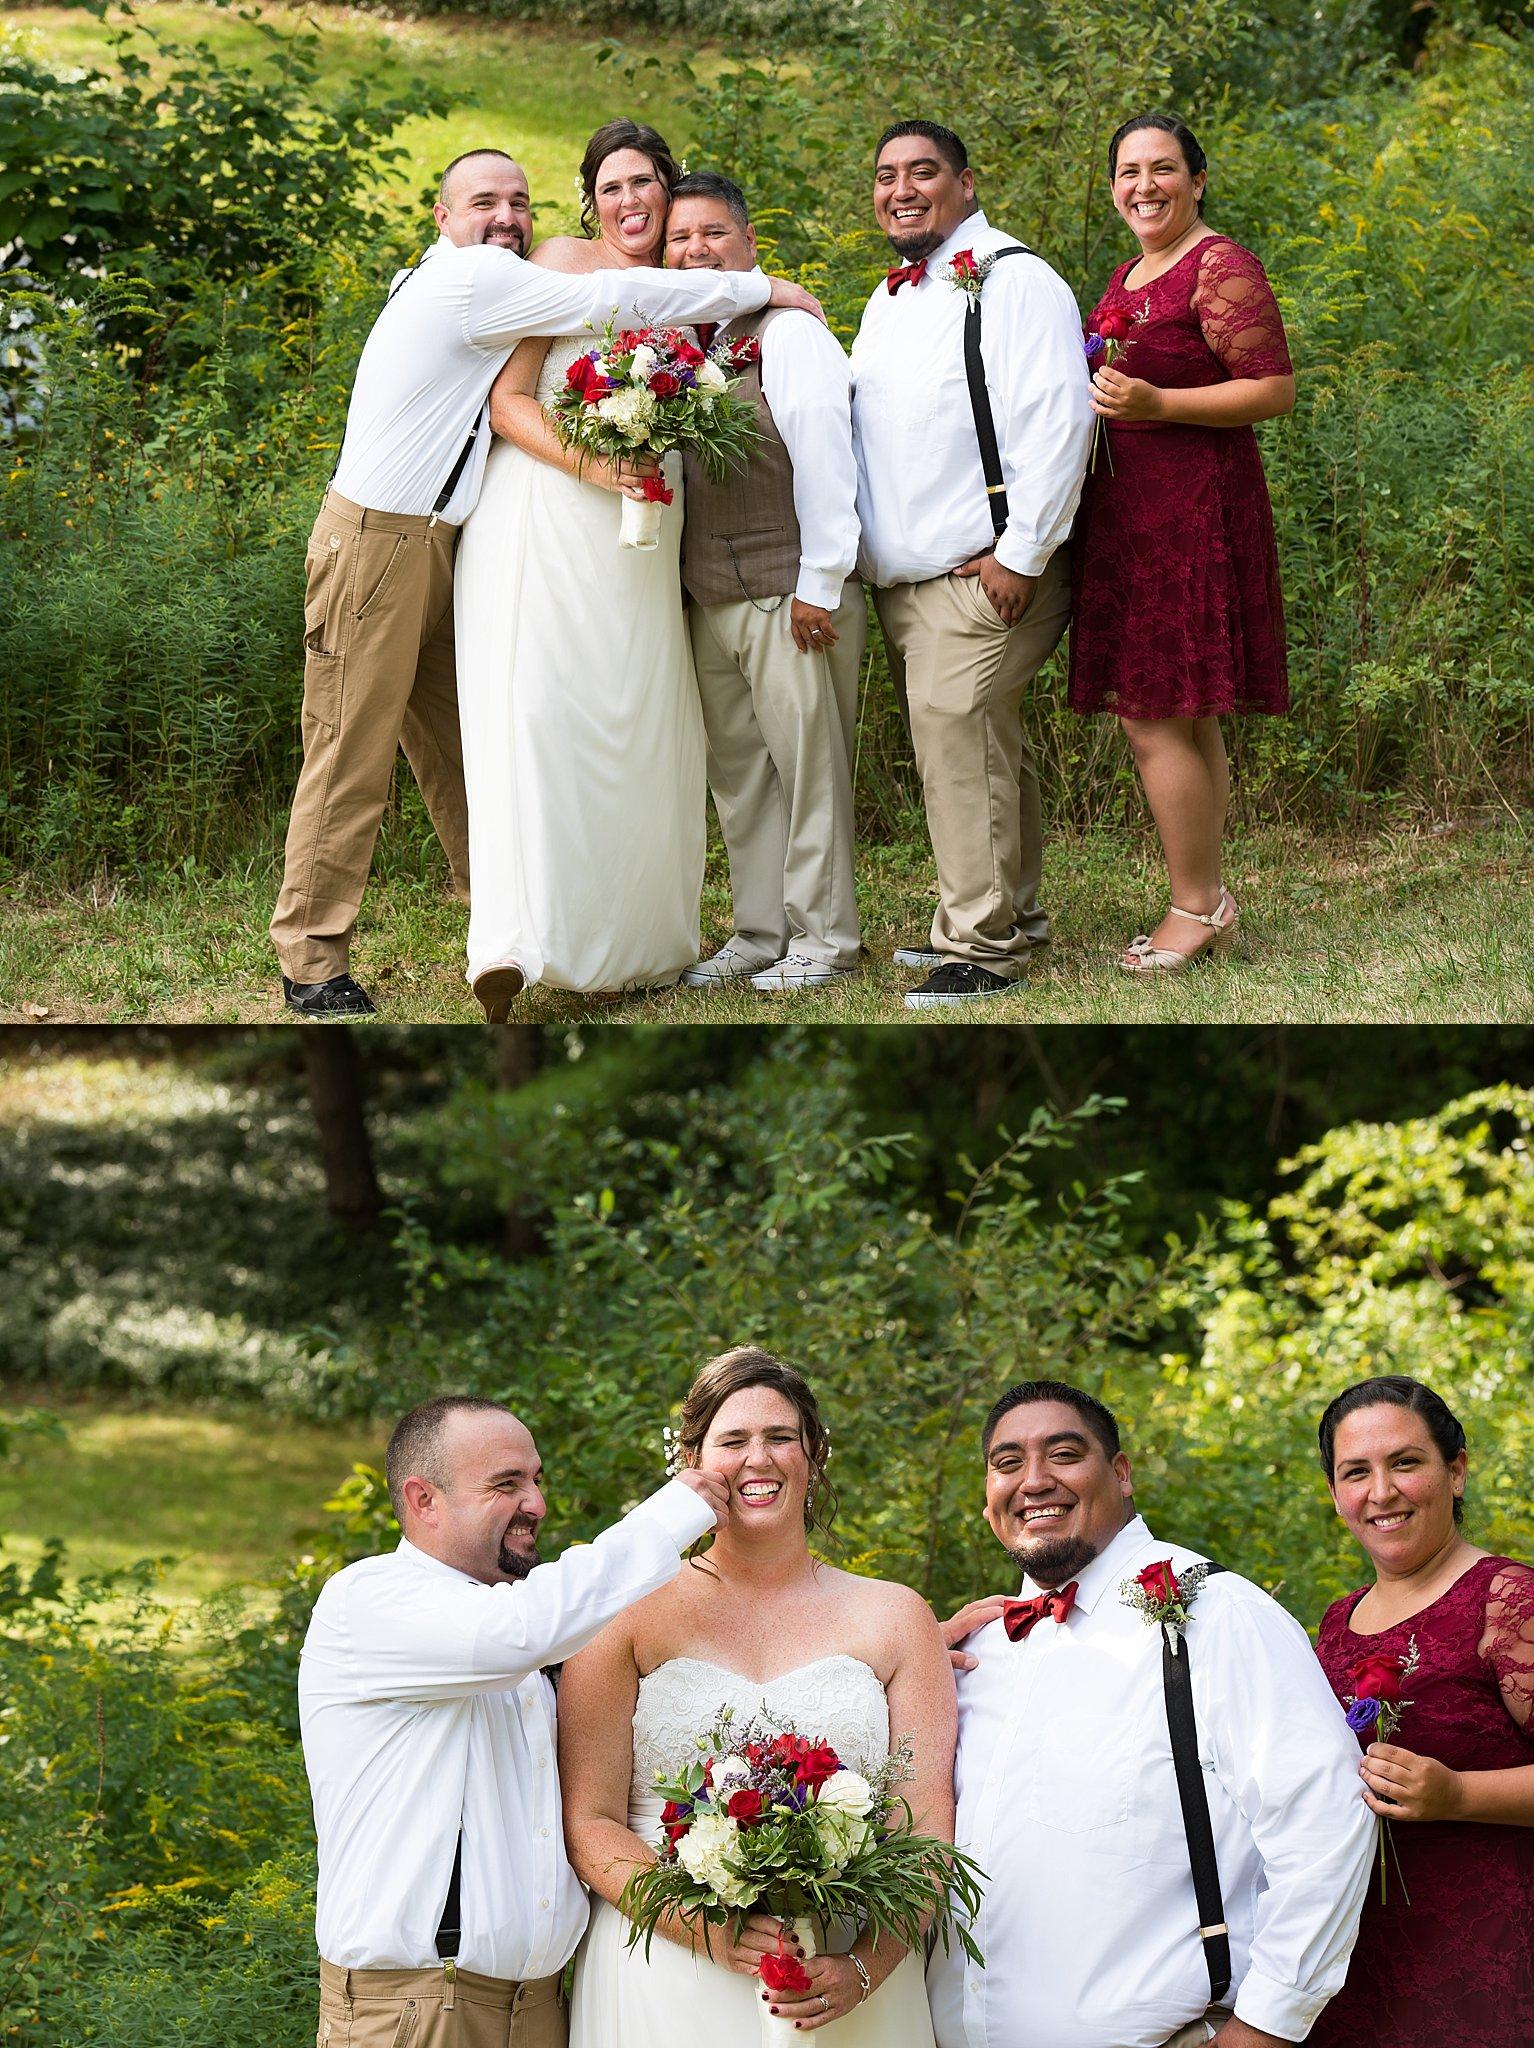 wedding photographer in bourne massachusetts.jpg